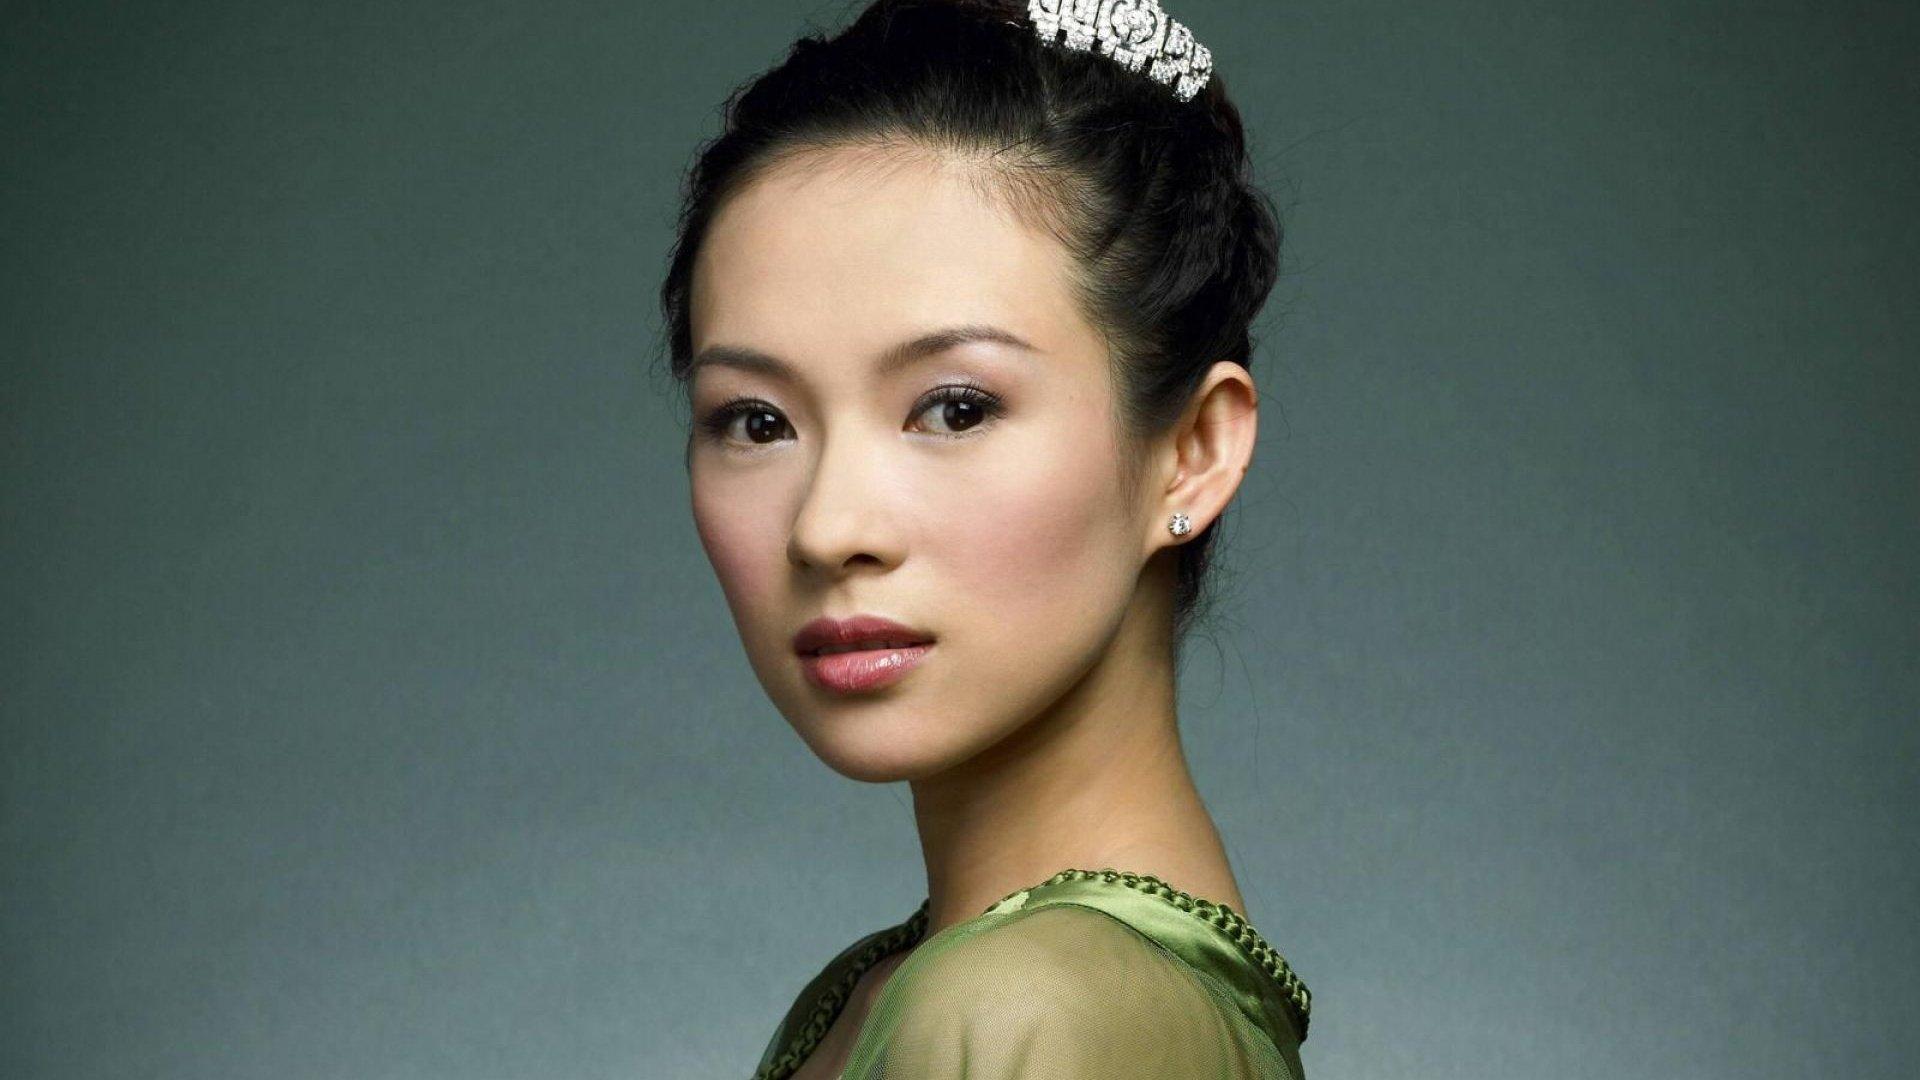 наверняка китайские актрисы фото и имена часто